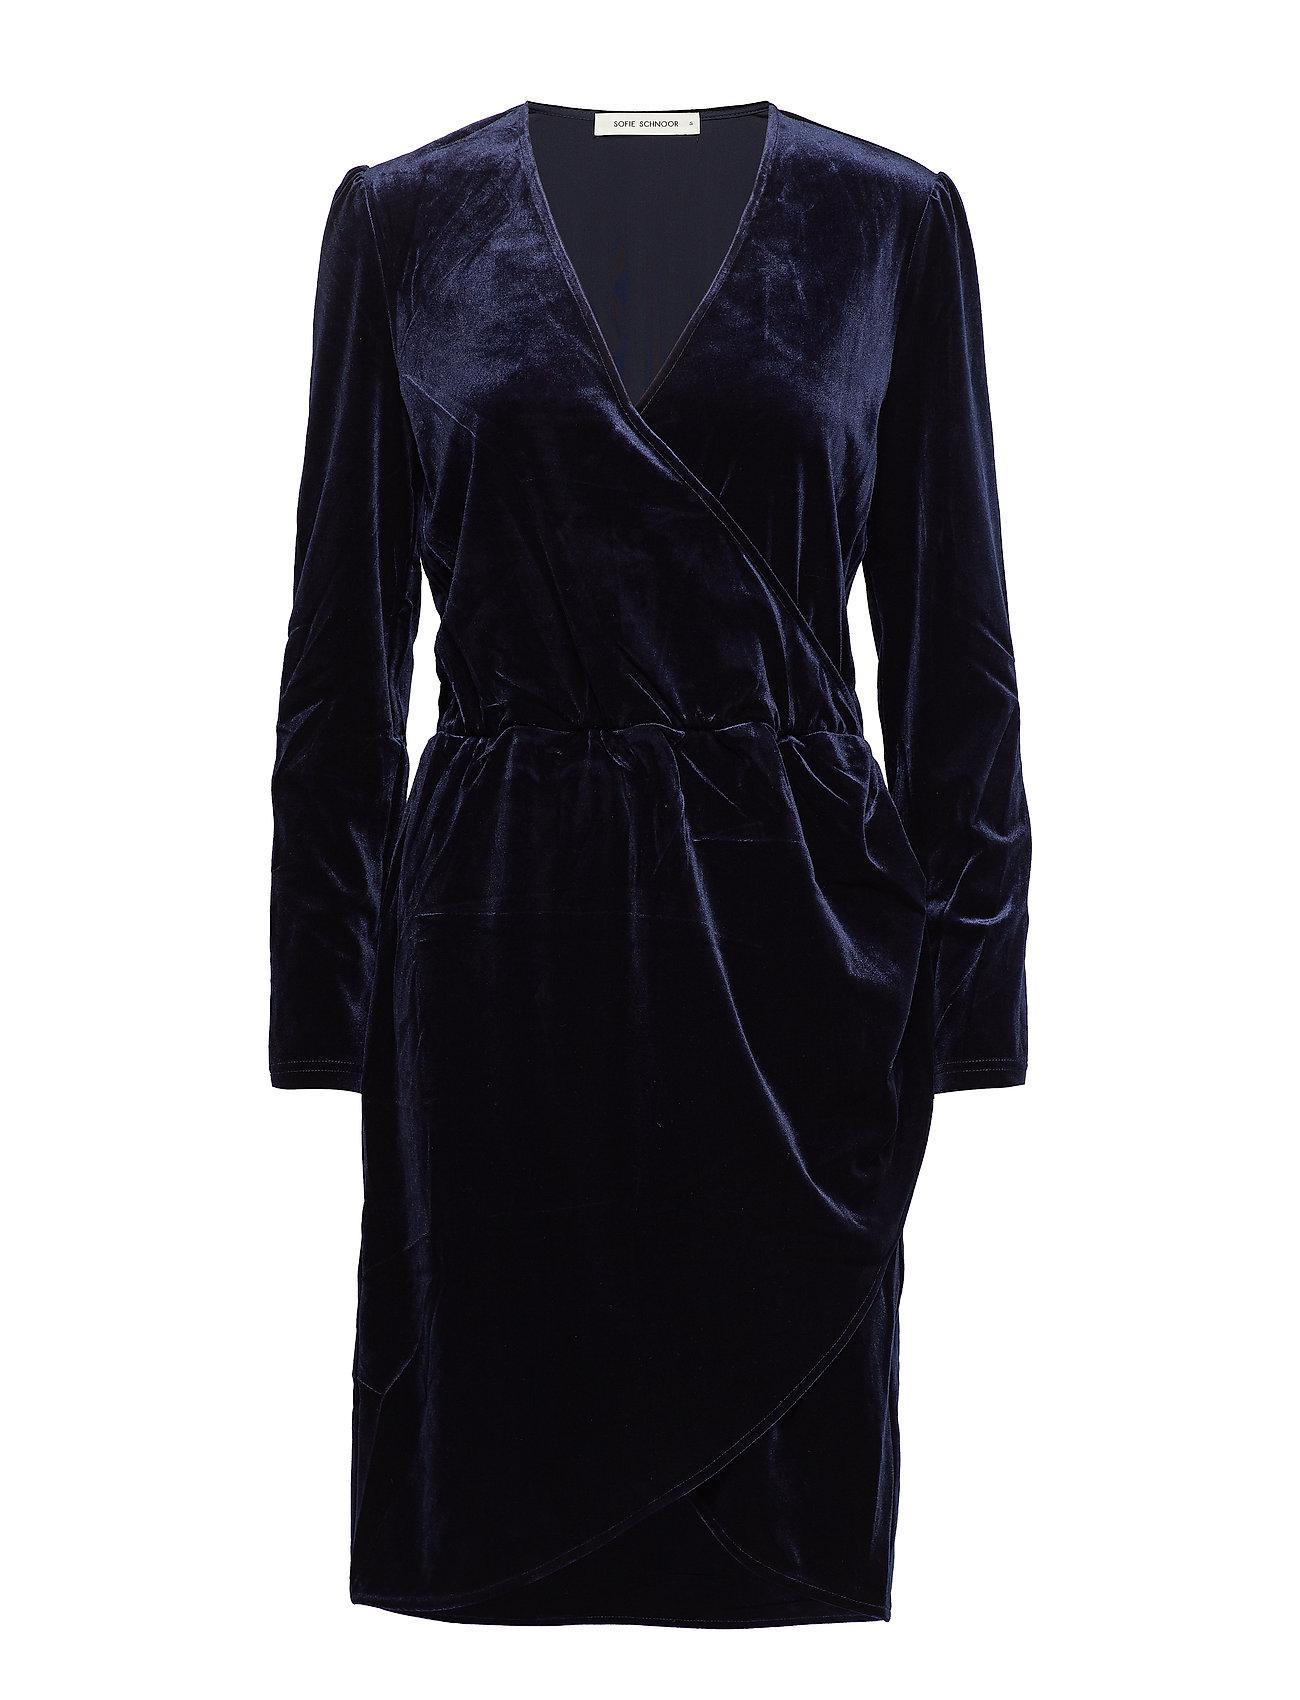 Sofie Schnoor Dress - D.BLUE